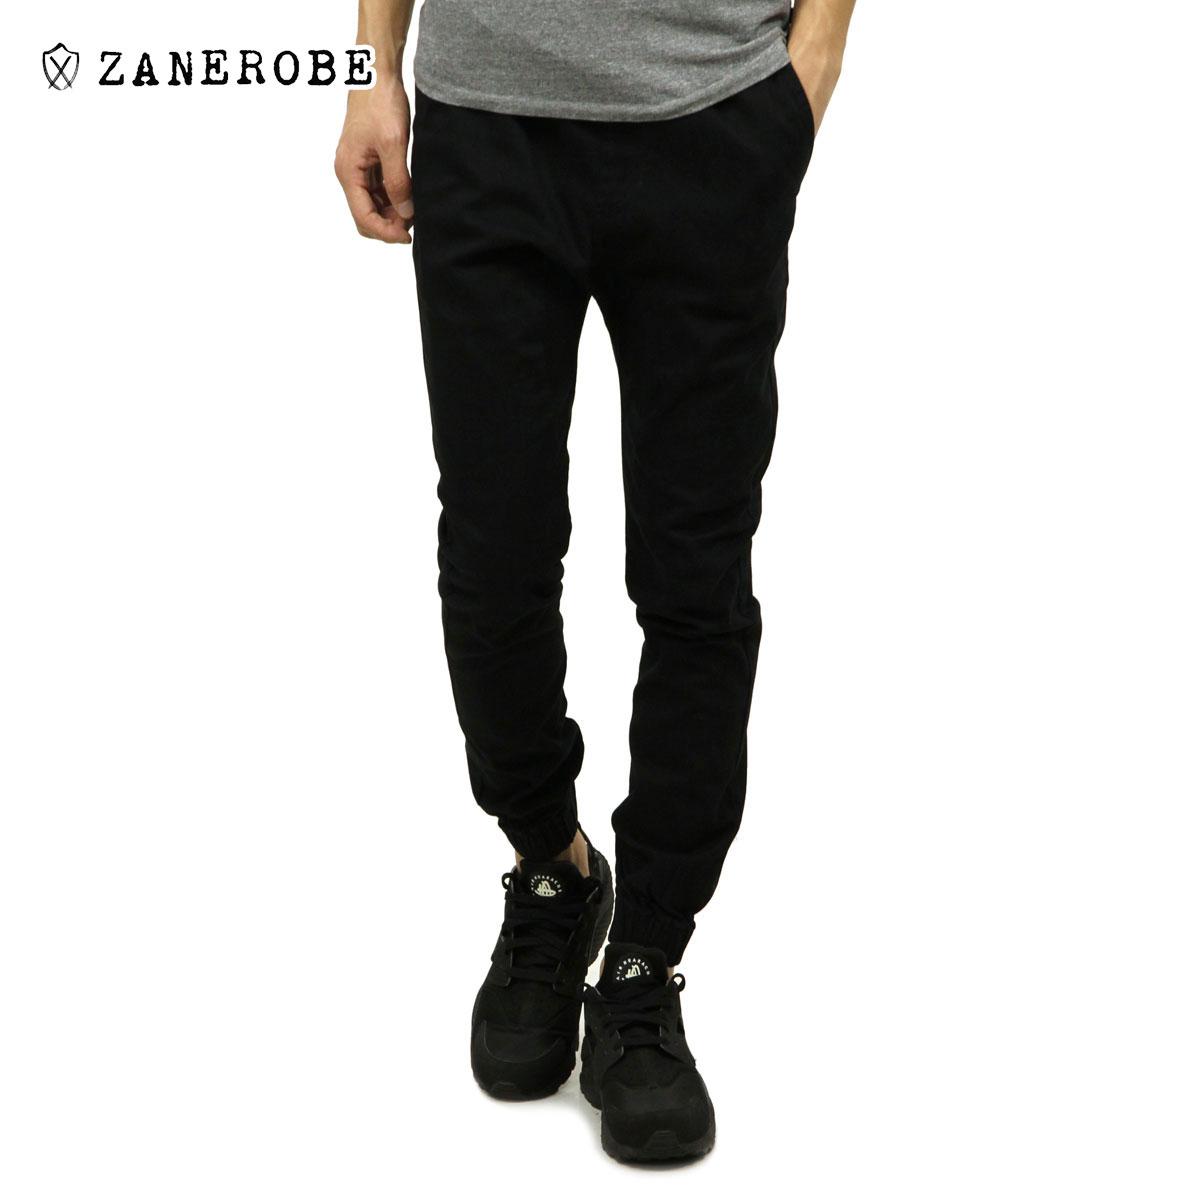 ゼンローブ ZANEROBE 正規販売店 メンズ チノ ジョガーパンツ SURESHOT CHINO JOGGER PANTS BLACK 760-MTG